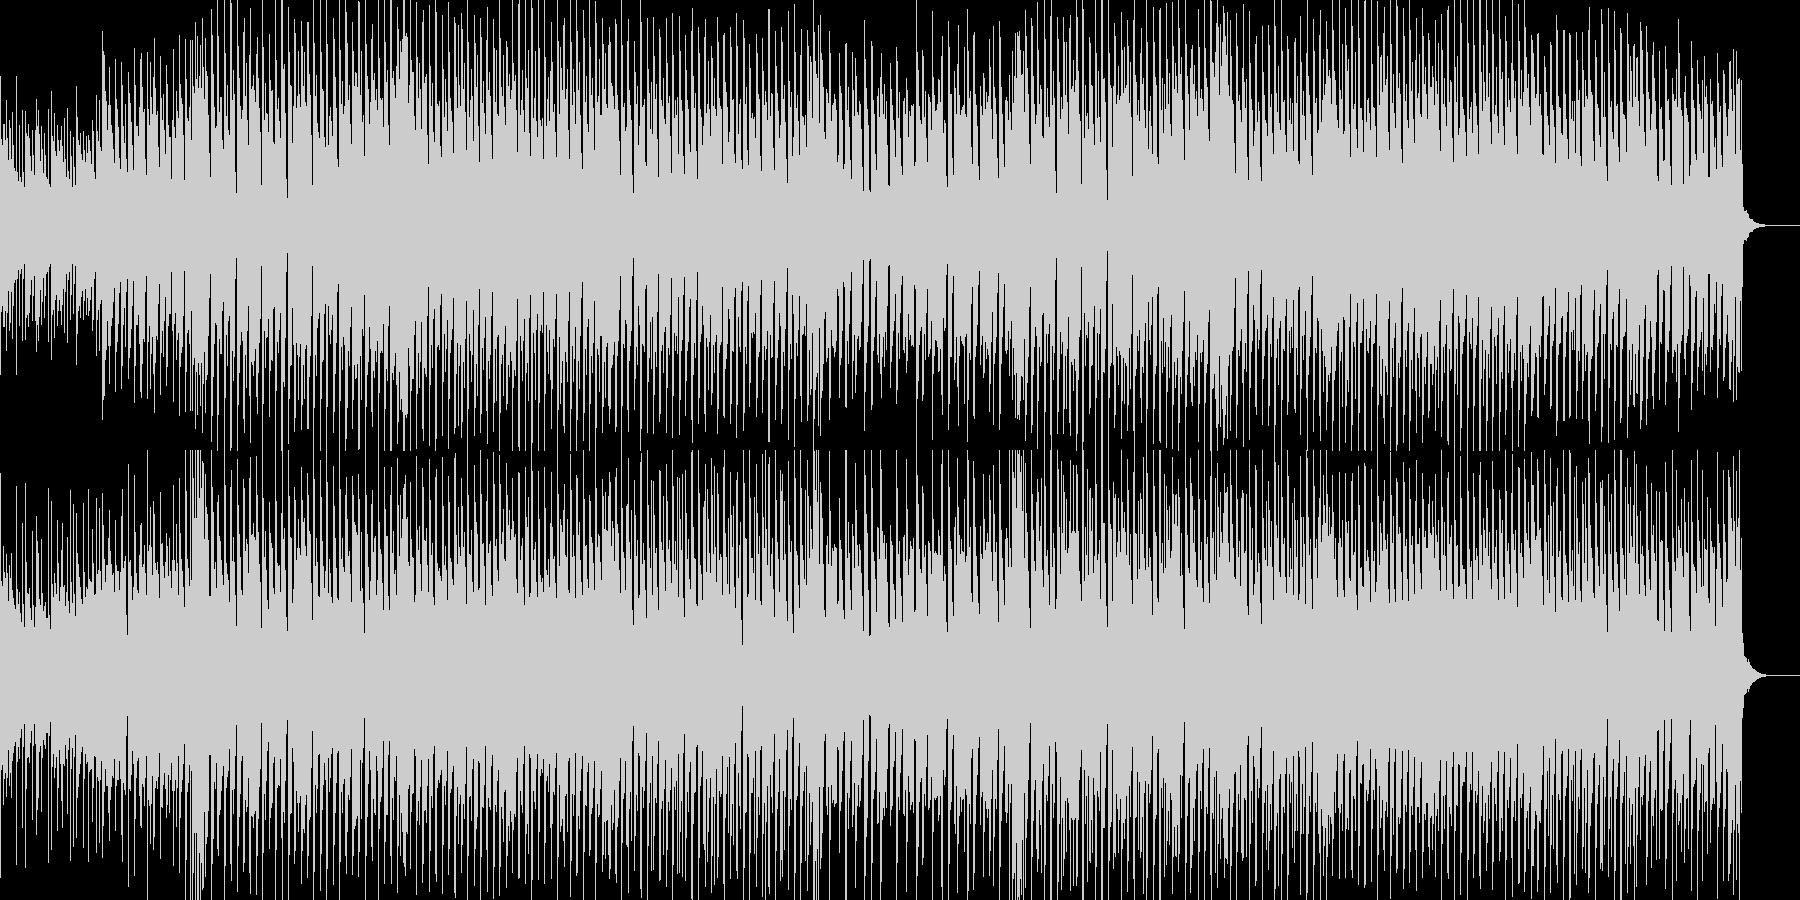 軽快なリズムと切ないリフが印象的なBGMの未再生の波形